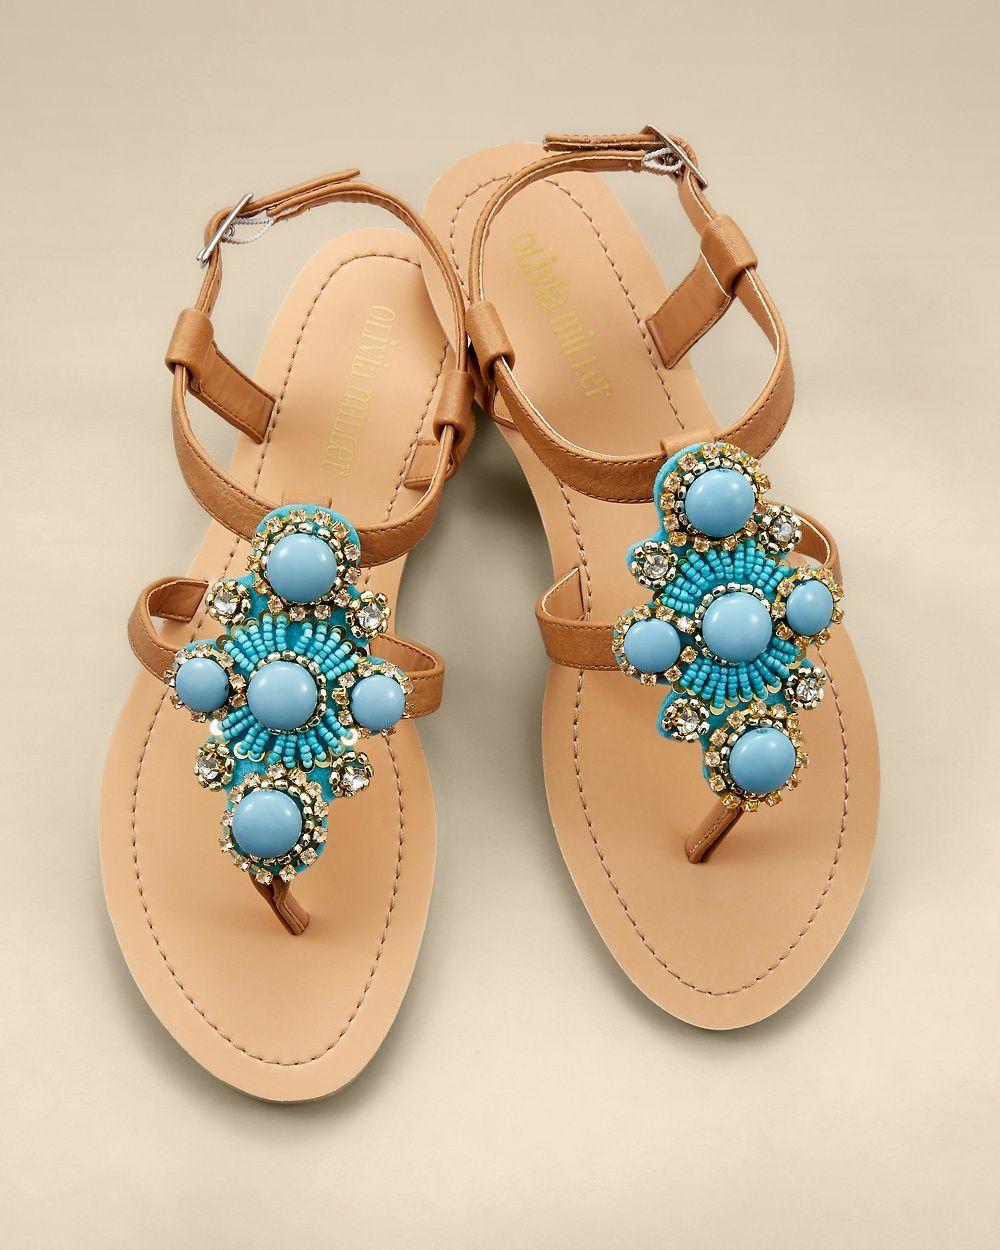 ee8b858d05376 Olivia Miller Turquoise Stone Flat Sandal  28.00 Soma Intimatea